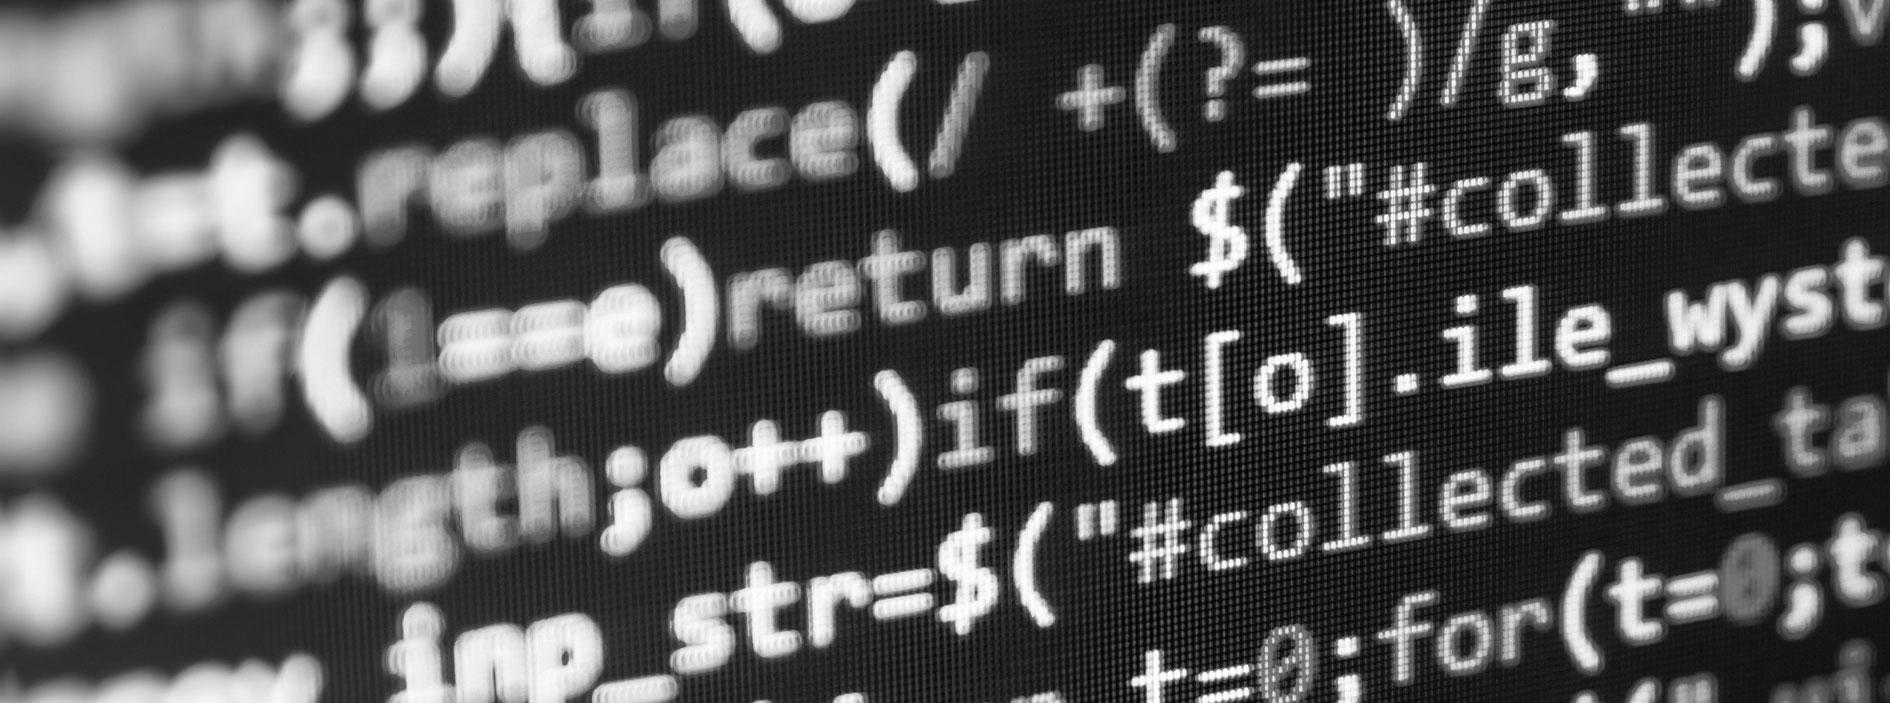 EU:s dataskyddsförordning - kompletterande svensk lagstiftning och Dataskyddsutredningens förslag